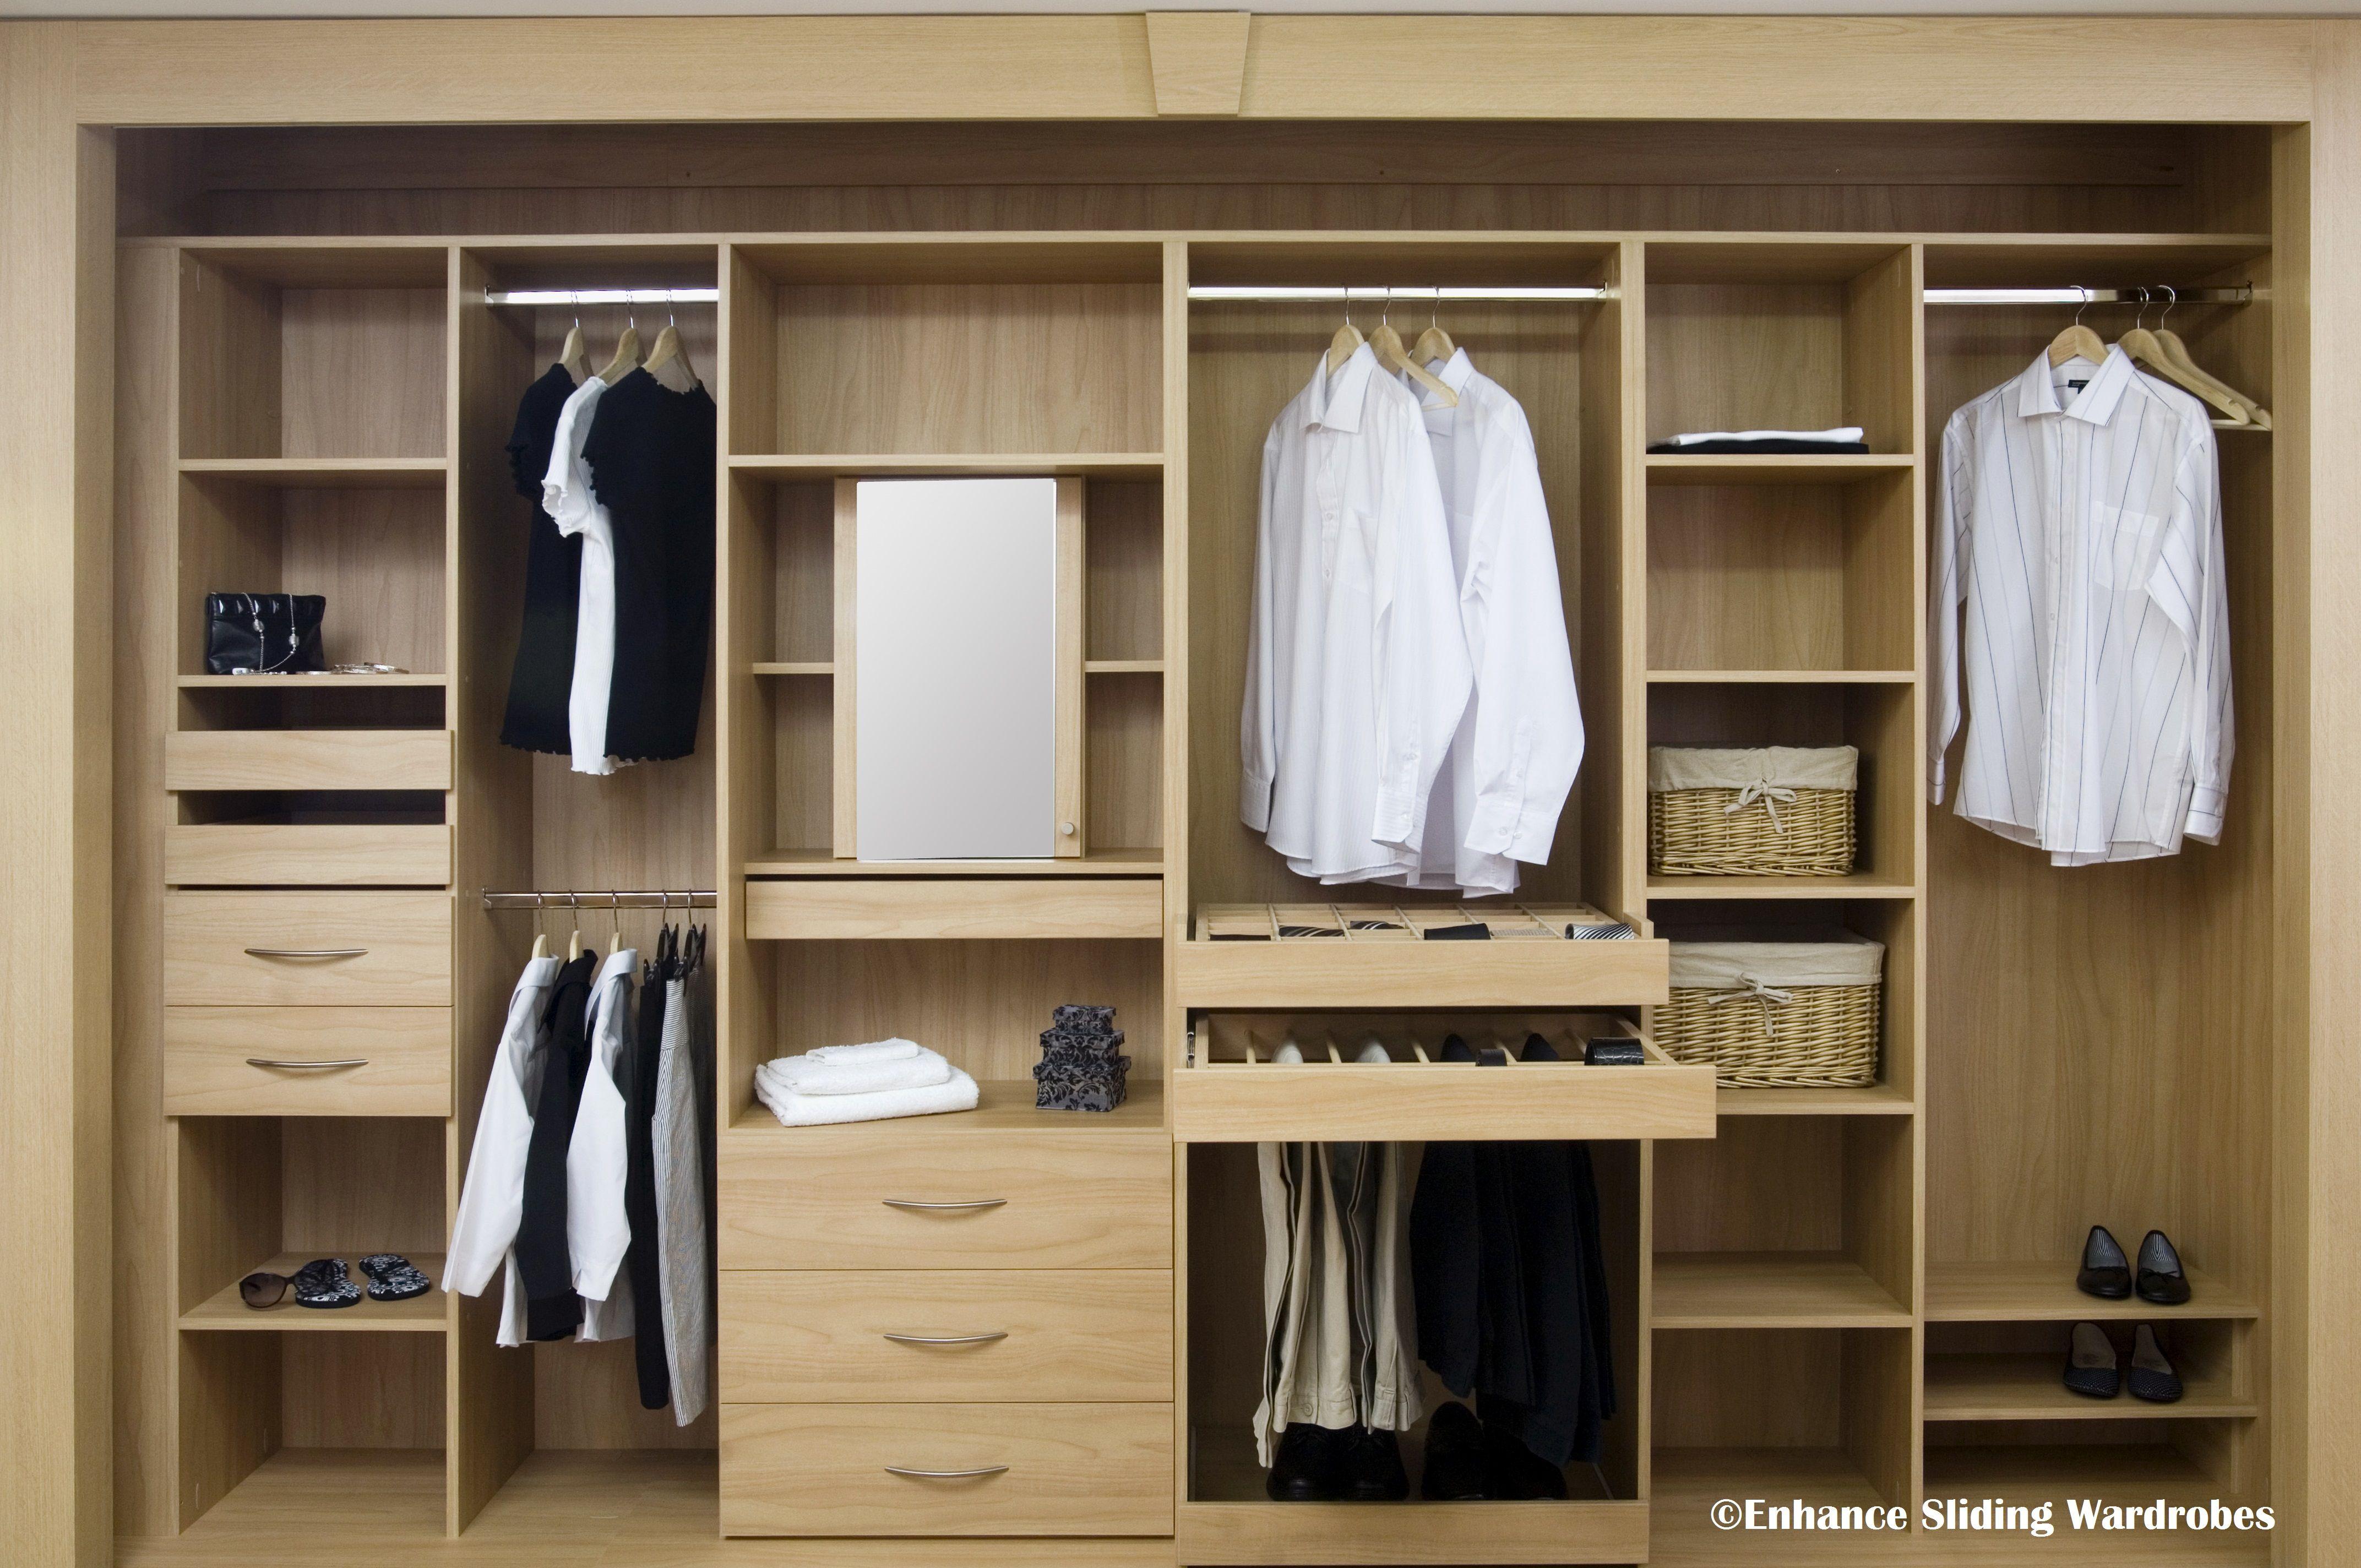 Oak Interiors Hanging Shelves Drawers Walkin Closet Storage